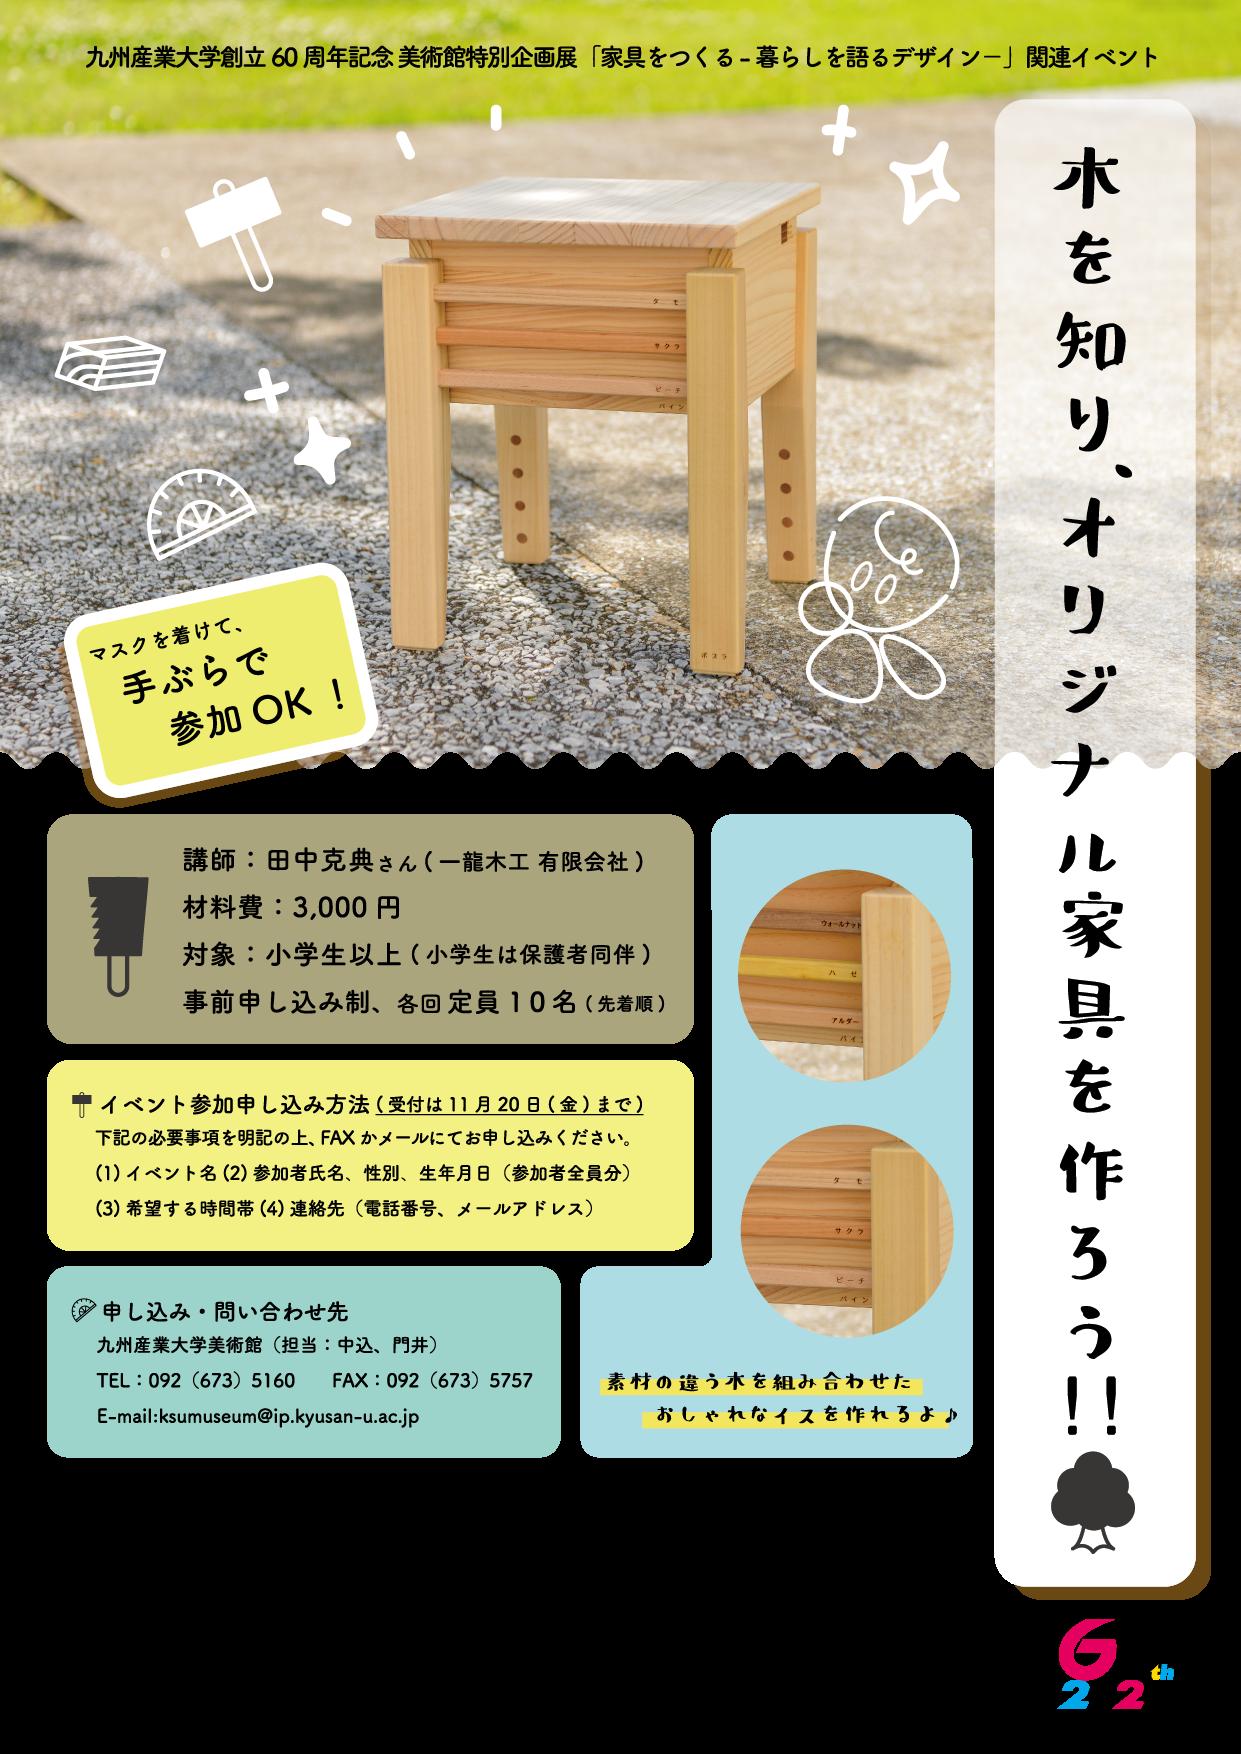 ワークショップ「木を知り、オリジナル家具を作ろう!」